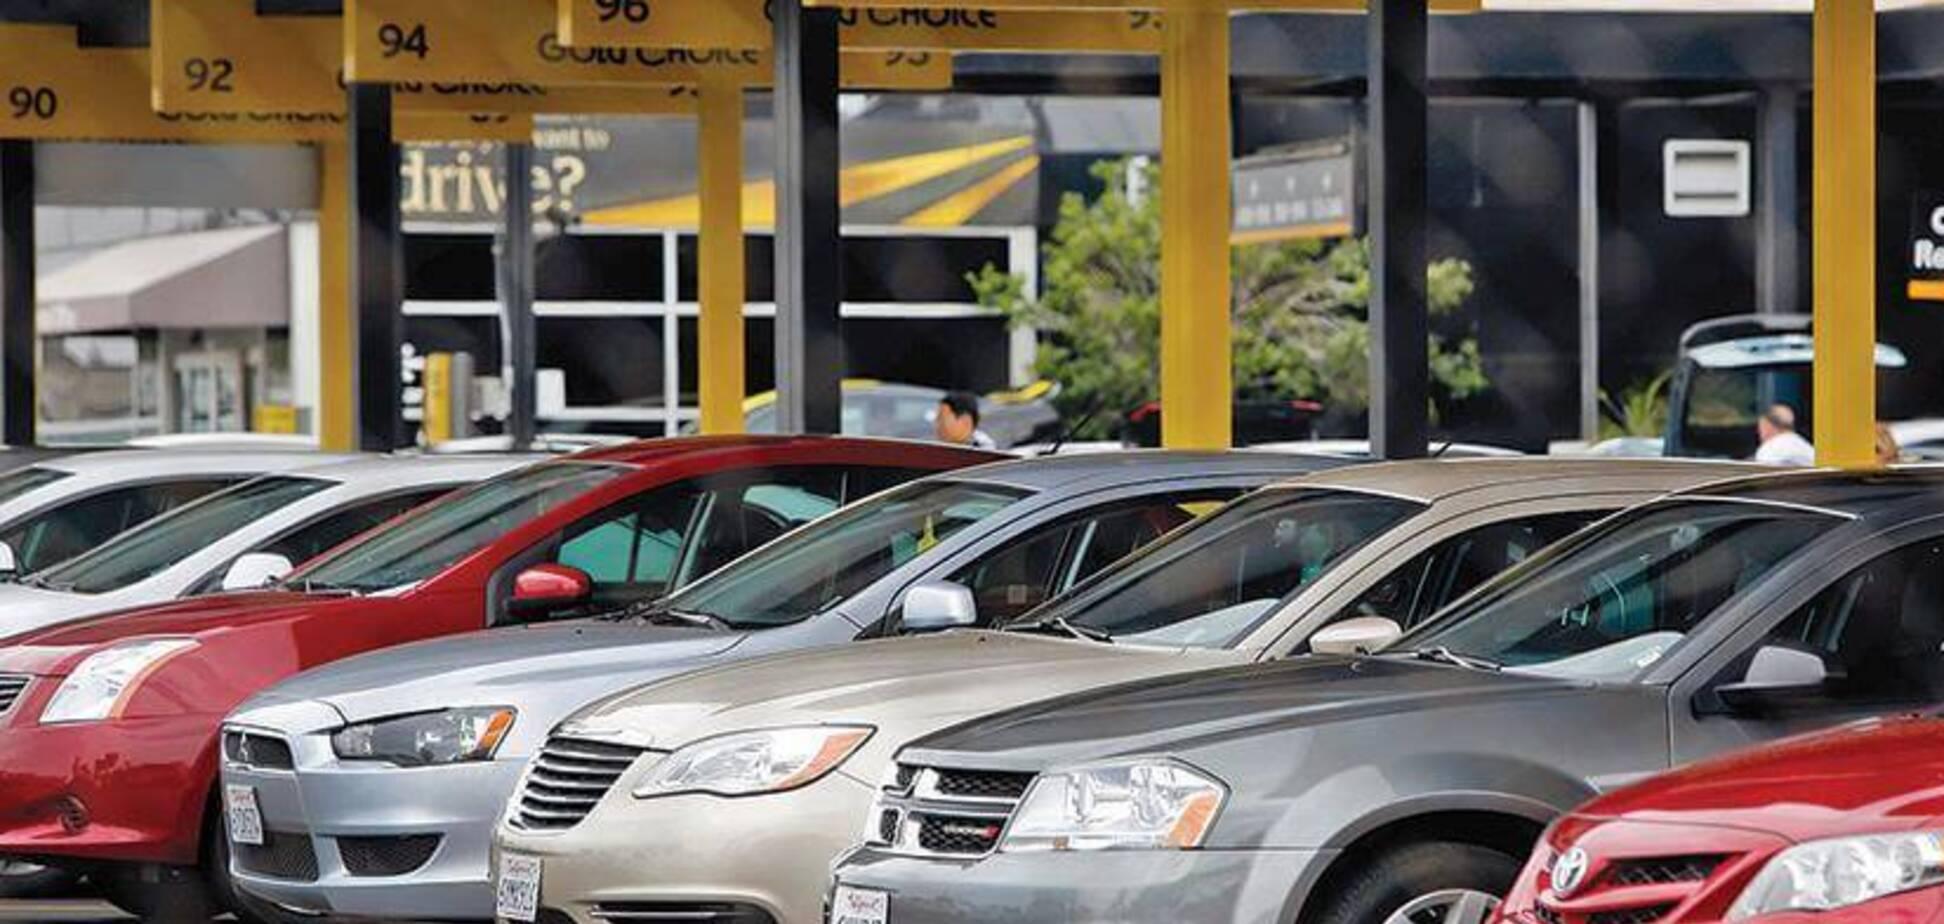 Потік недорогих та не битих авто із США може хлинути в Україну до кінця року